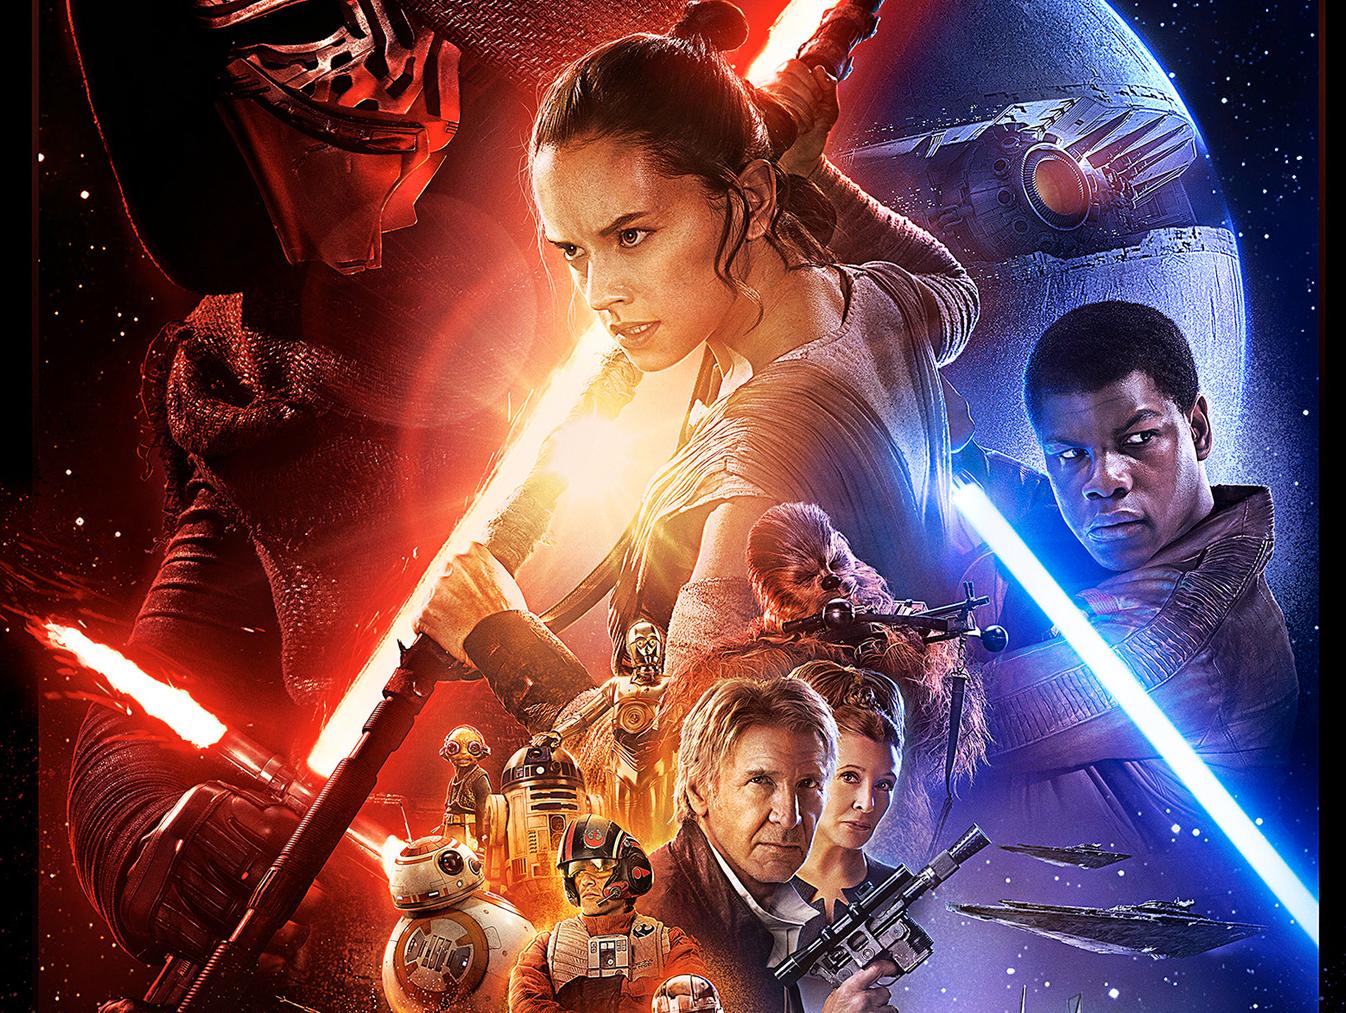 Esto es lo que vendrá incluido en el Blu-Ray de Star Wars: The Force Awakens